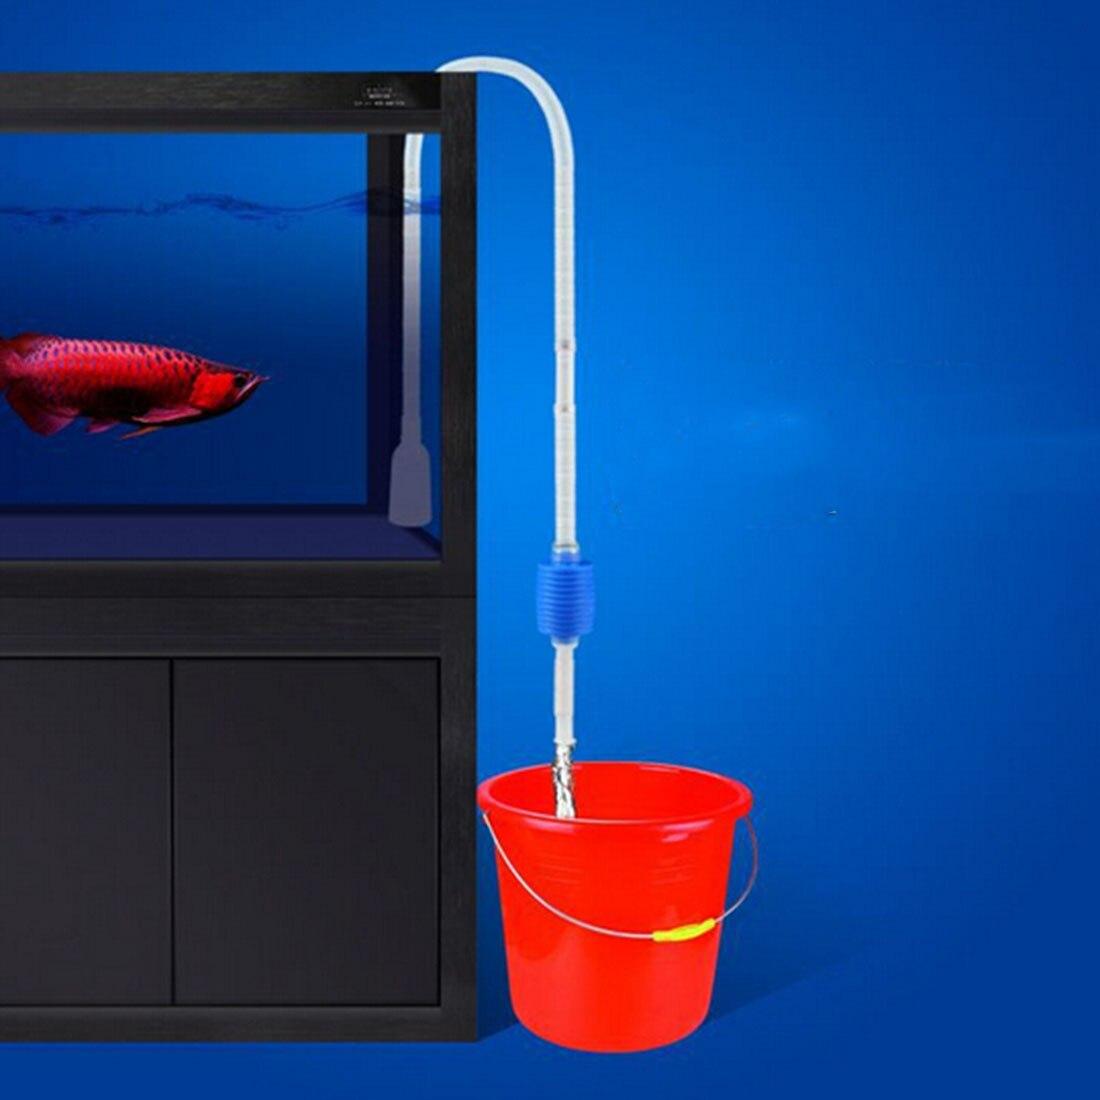 Инструмент для очистки аквариума Aquario, Электрический фильтр для очистки гравия, сифон, вакуумный насос для мытья воды, аксессуары для аквариума